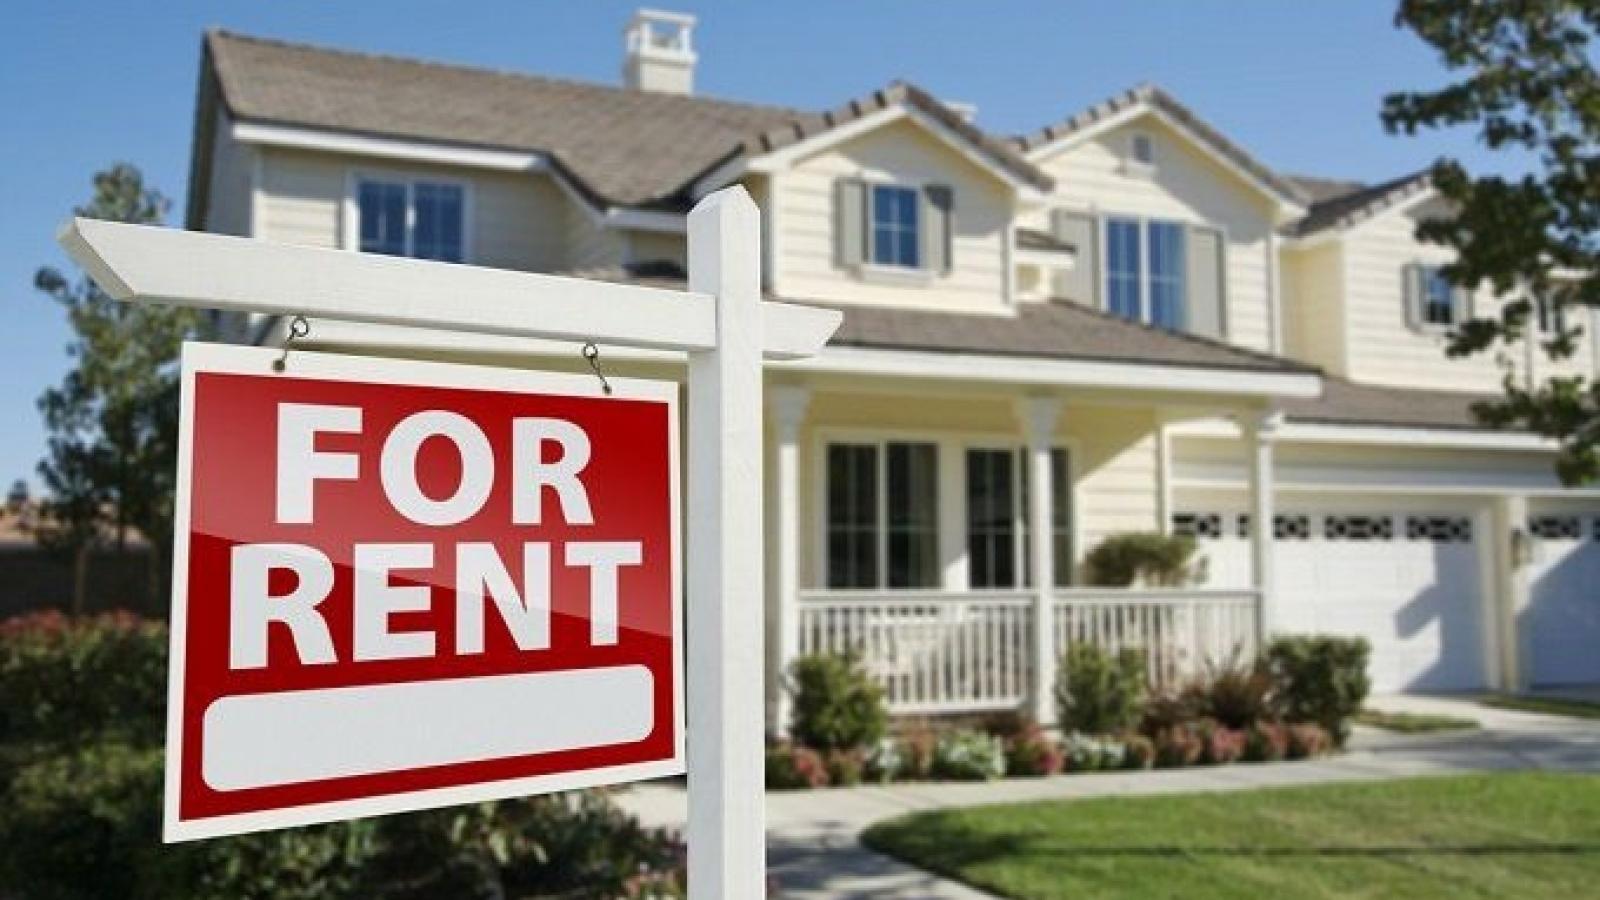 Tòa án Tối cao Mỹ ra phán quyết chấm dứt lệnh cấm trục xuất người thuê nhà